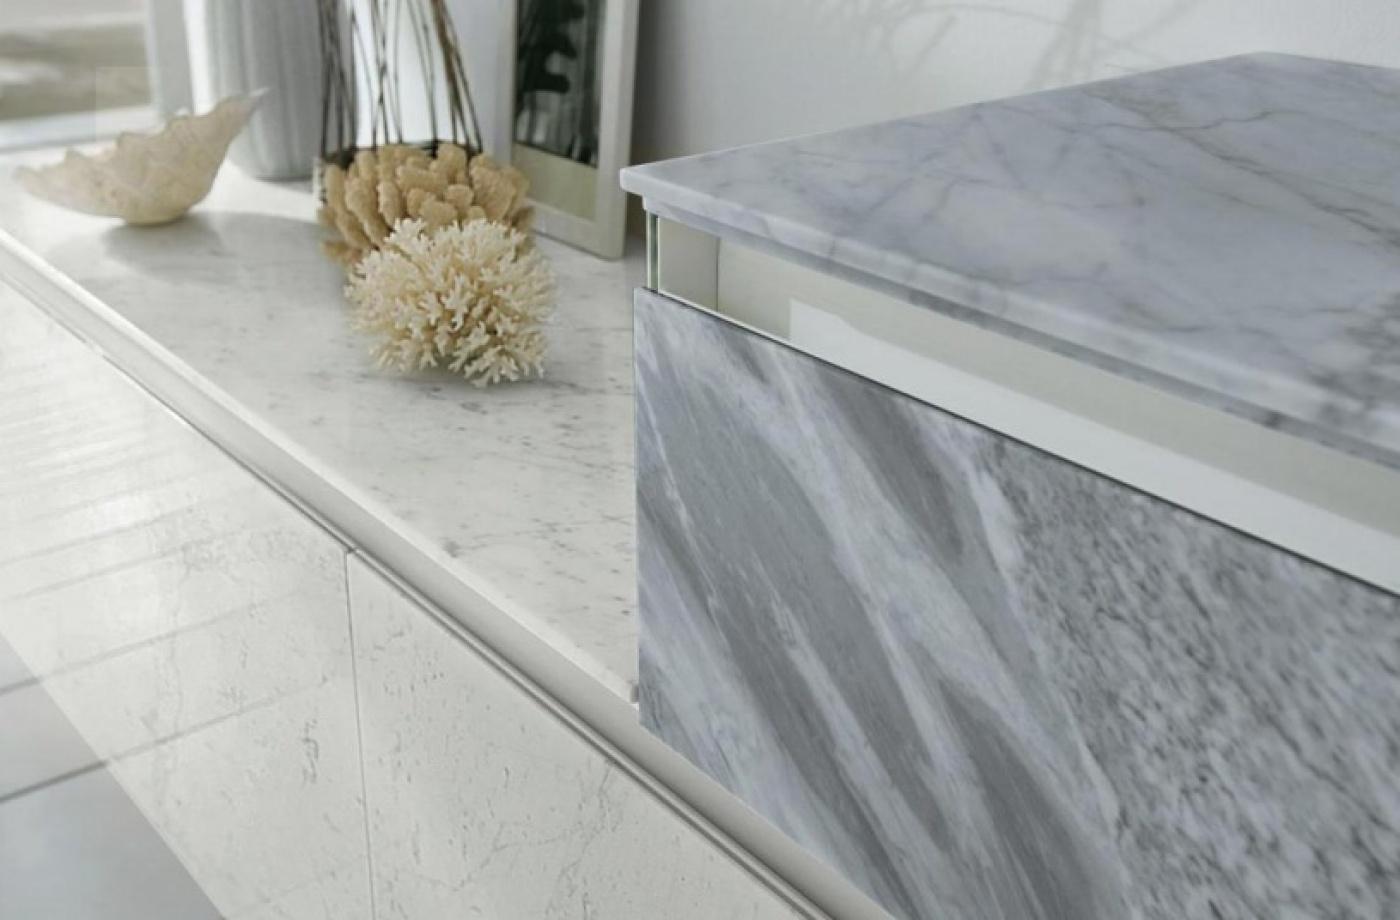 Façade de meuble en marbre Blanc Carrare. Meuble Altamarea 360 Gradi.